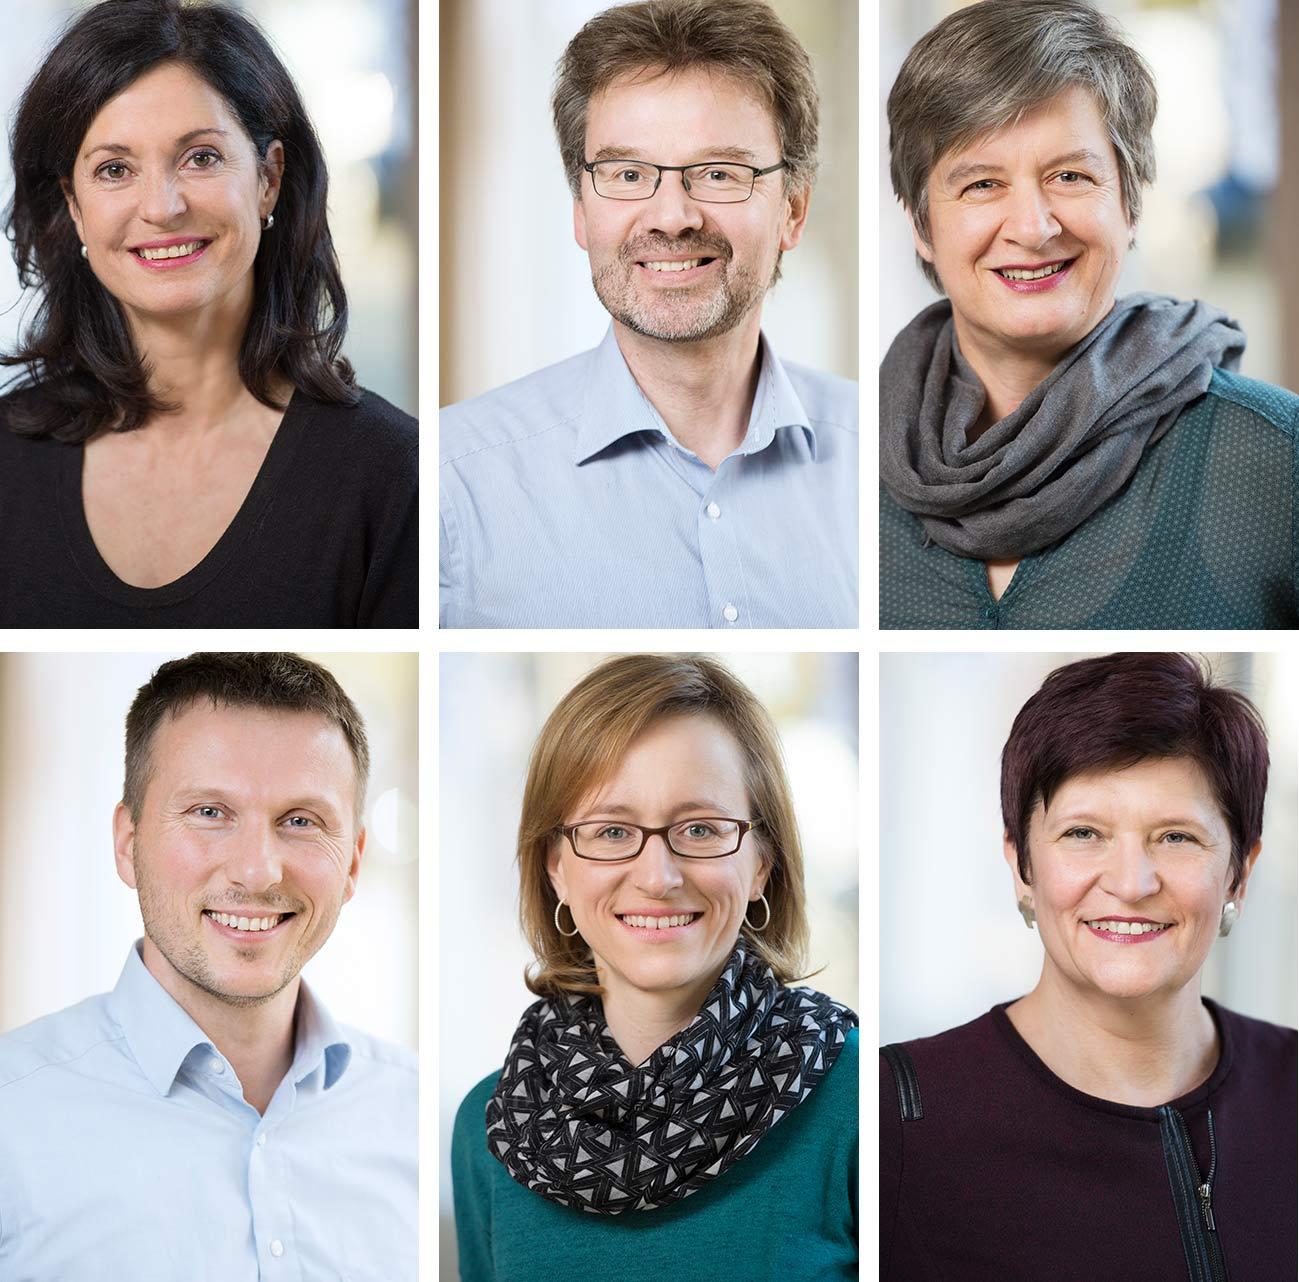 Teamfoto Mitarbeiterfot Businessfoto Health Gesundheit Fotografin Lotte Ostermann Berlin